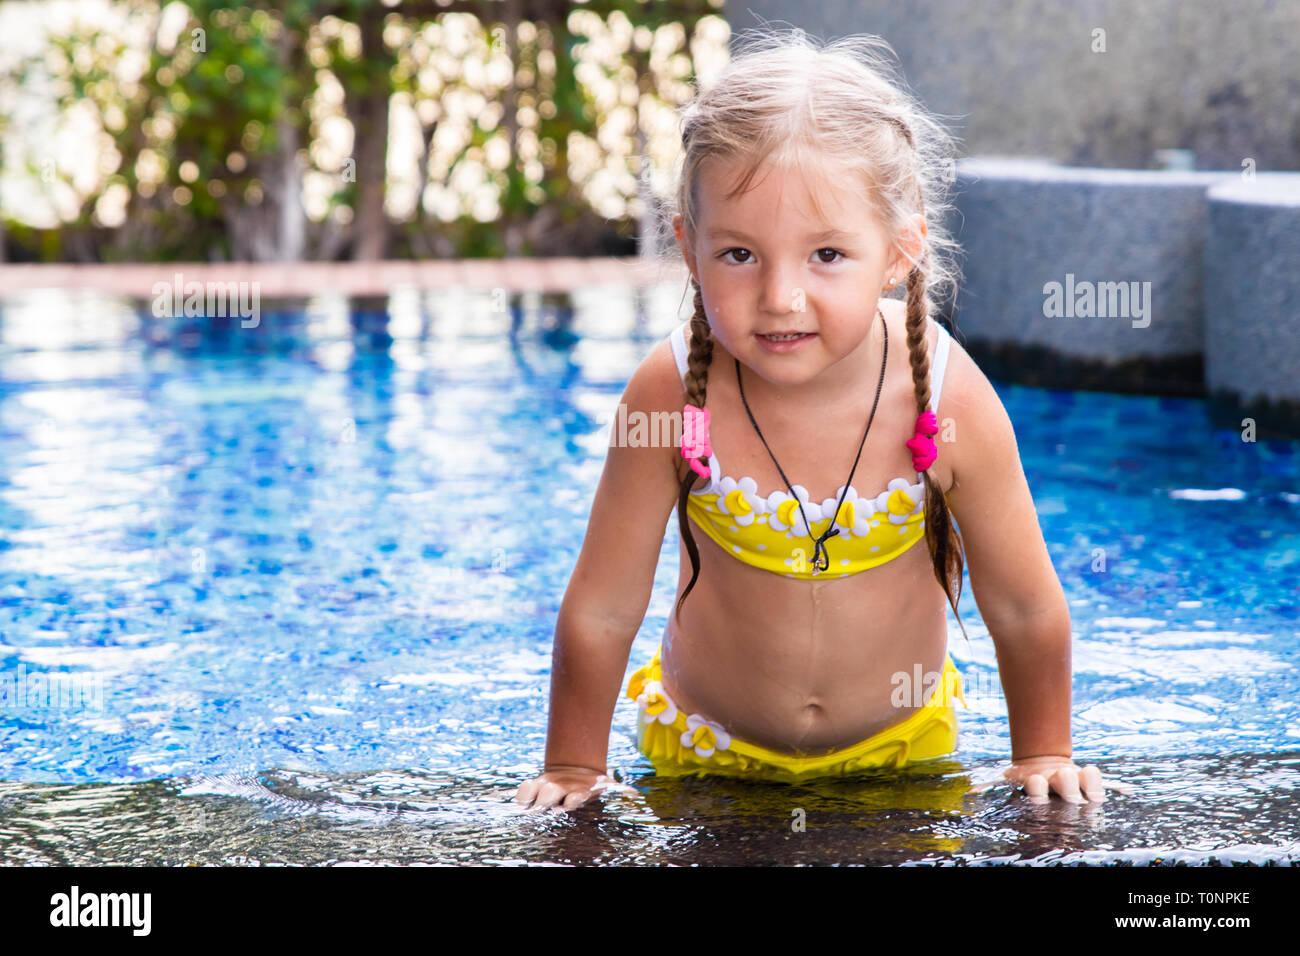 Costumi Da Bagno Per Bambini : Bambina in un giallo costume da bagno in una piscina blu come una